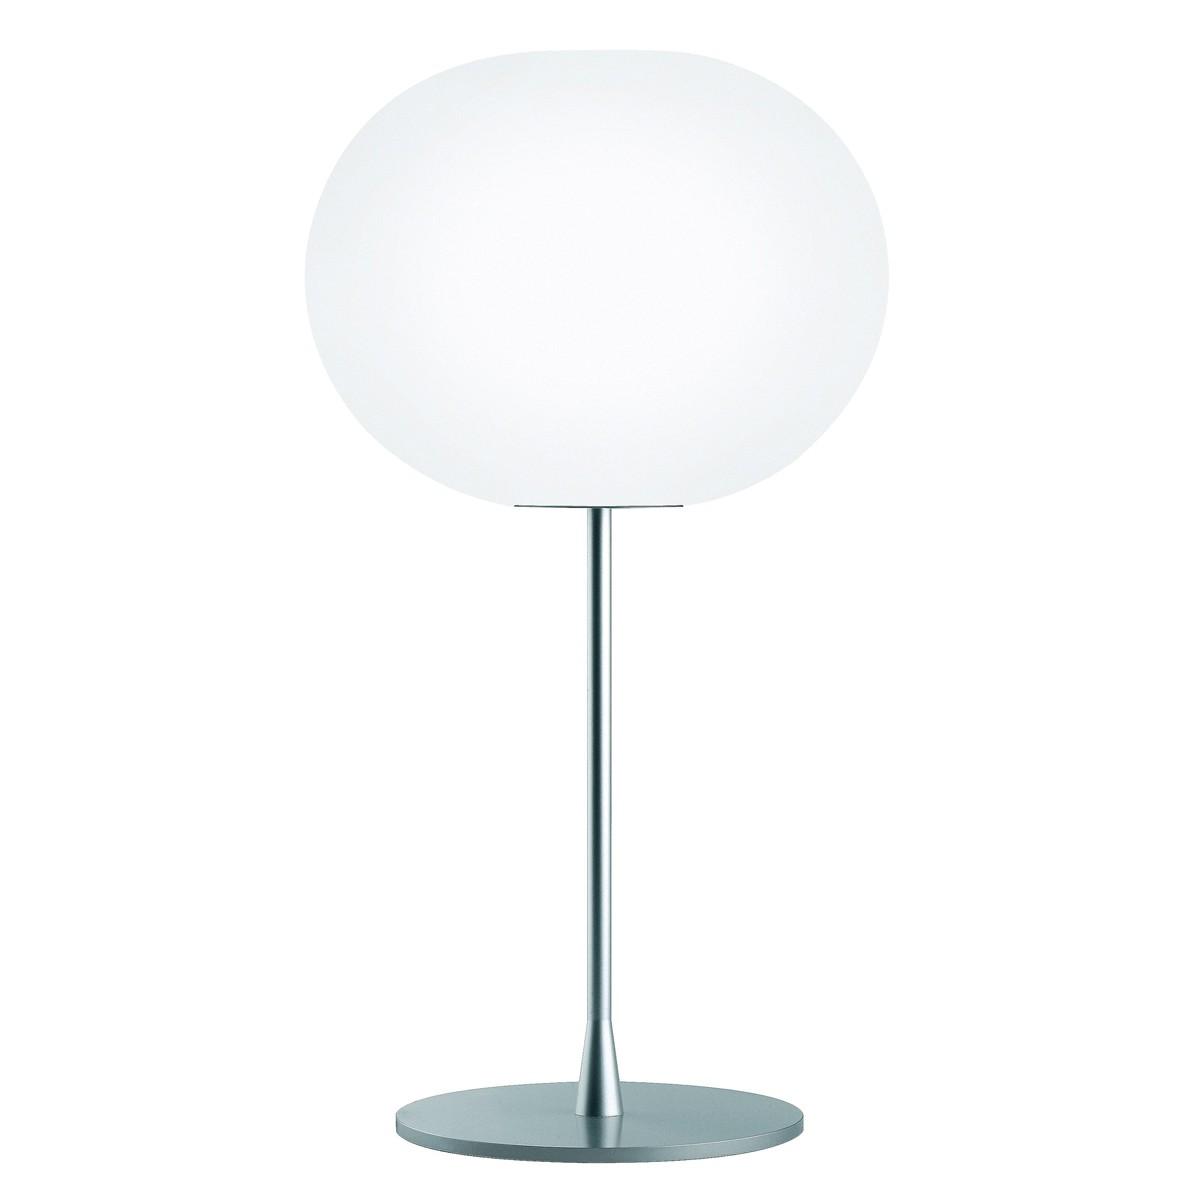 Flos Glo-Ball T Tischleuchte, T2, Höhe: 79 cm, Silber matt